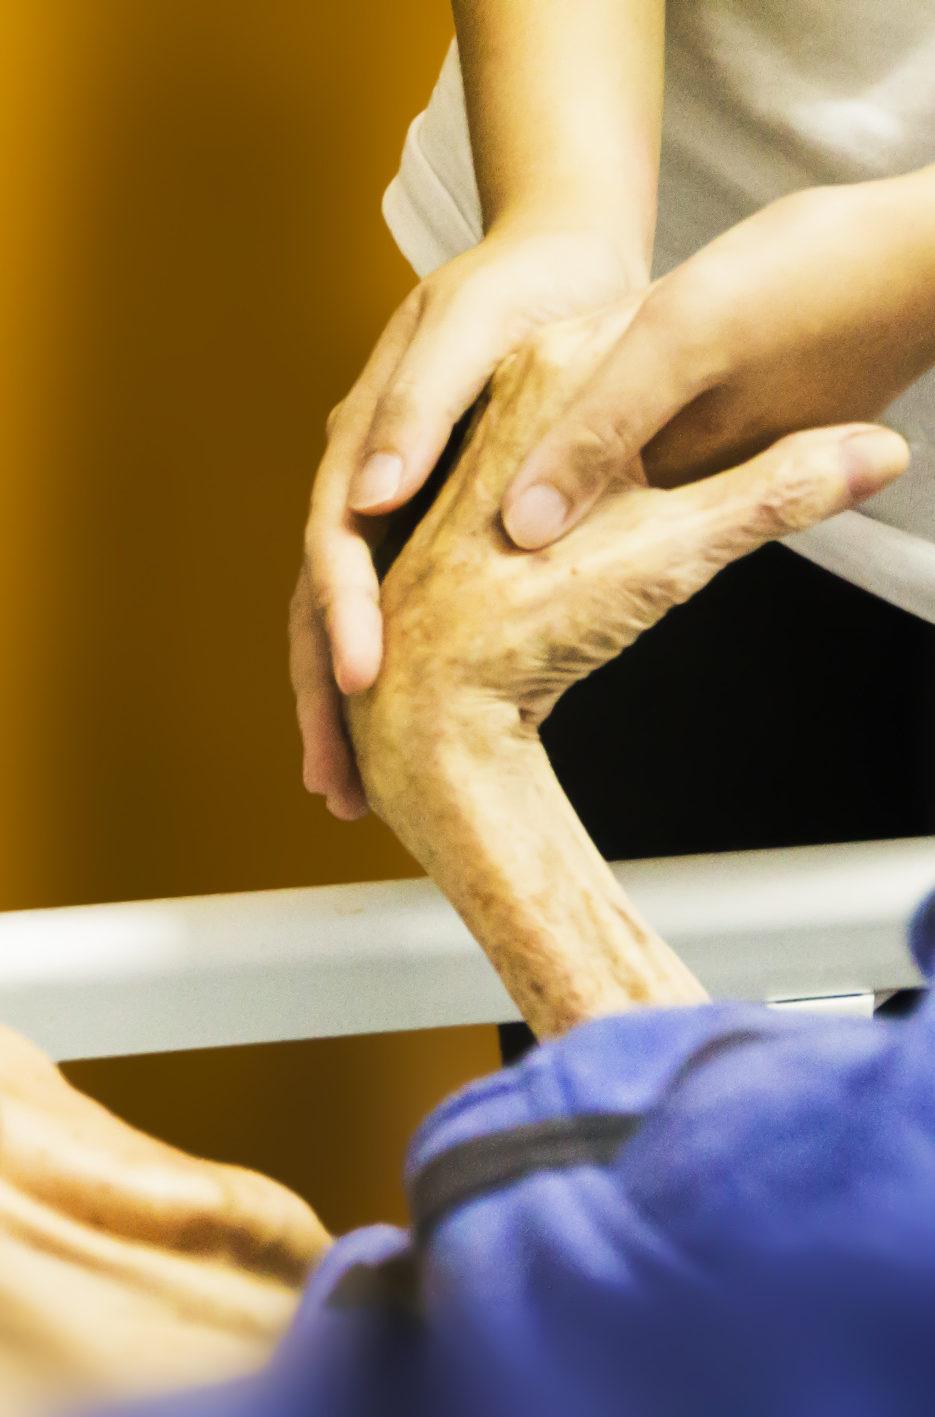 Echte Nächstenliebe – Caritas und Diakonie stellen sich quer bei der branchenweiten Lohnerhöhung für Pflegekräfte, Foto: pixabay.com